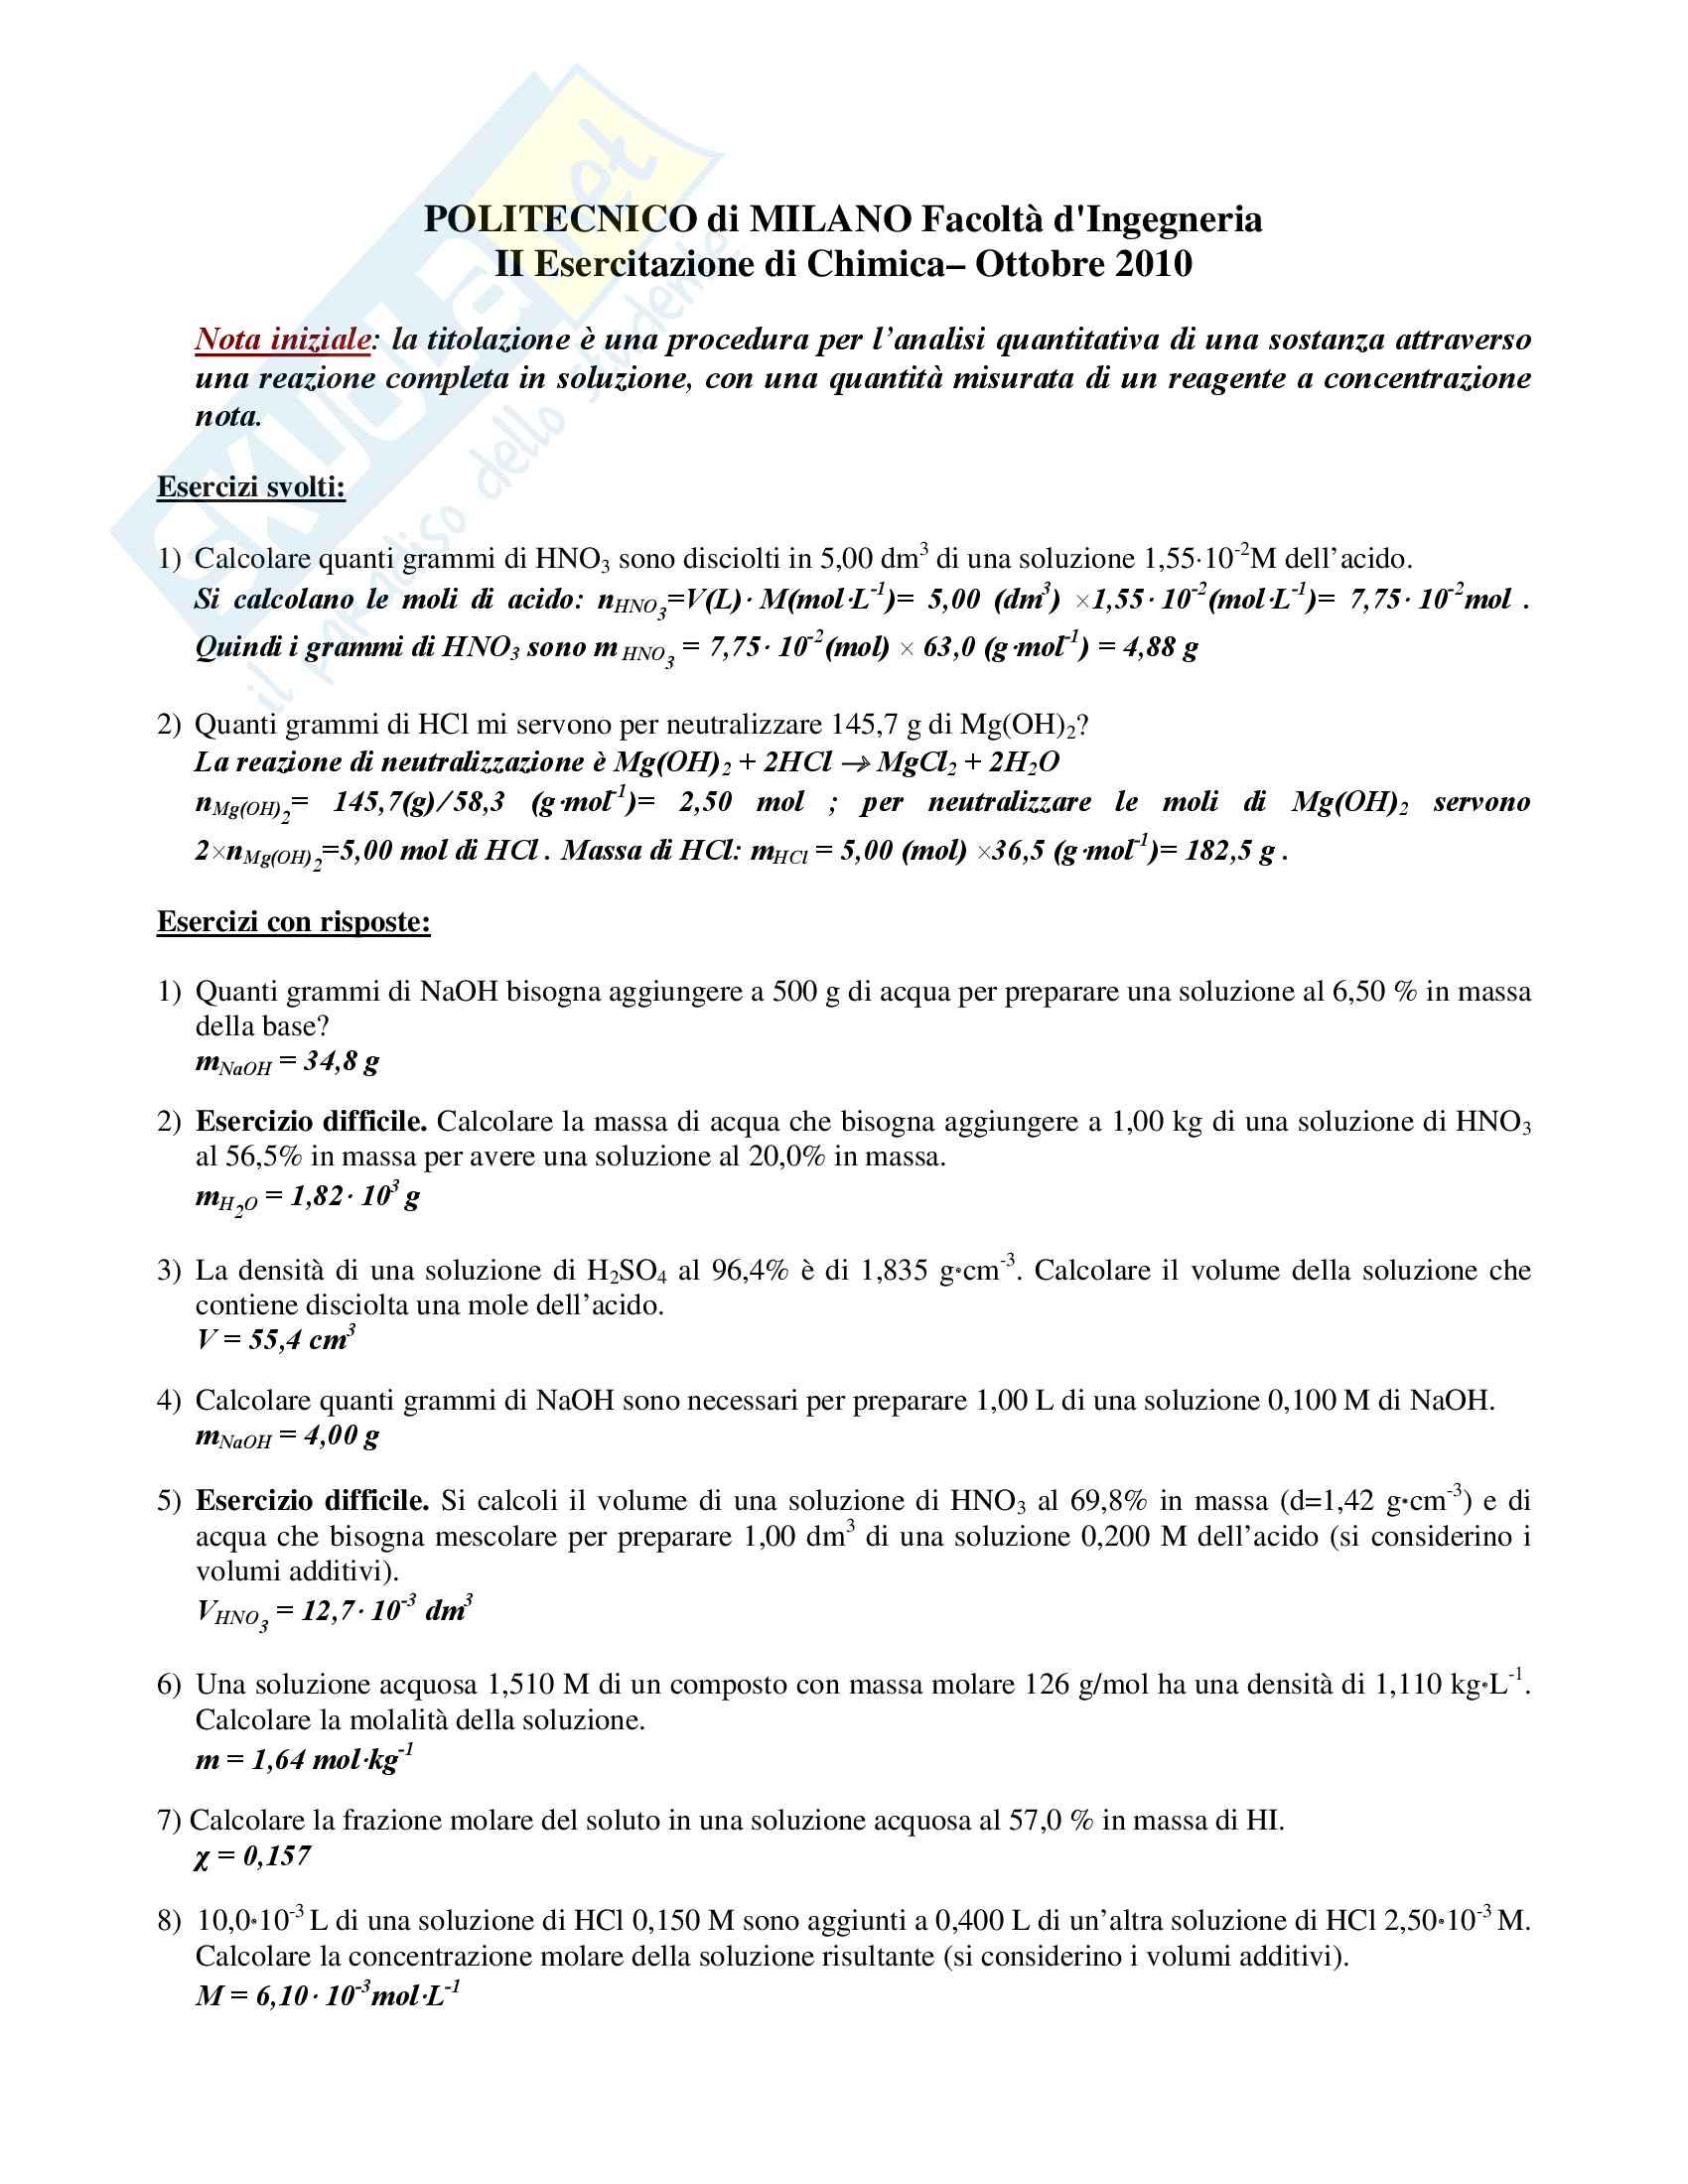 Chimica dell'edificio - Temi d'esame svolti Pag. 86